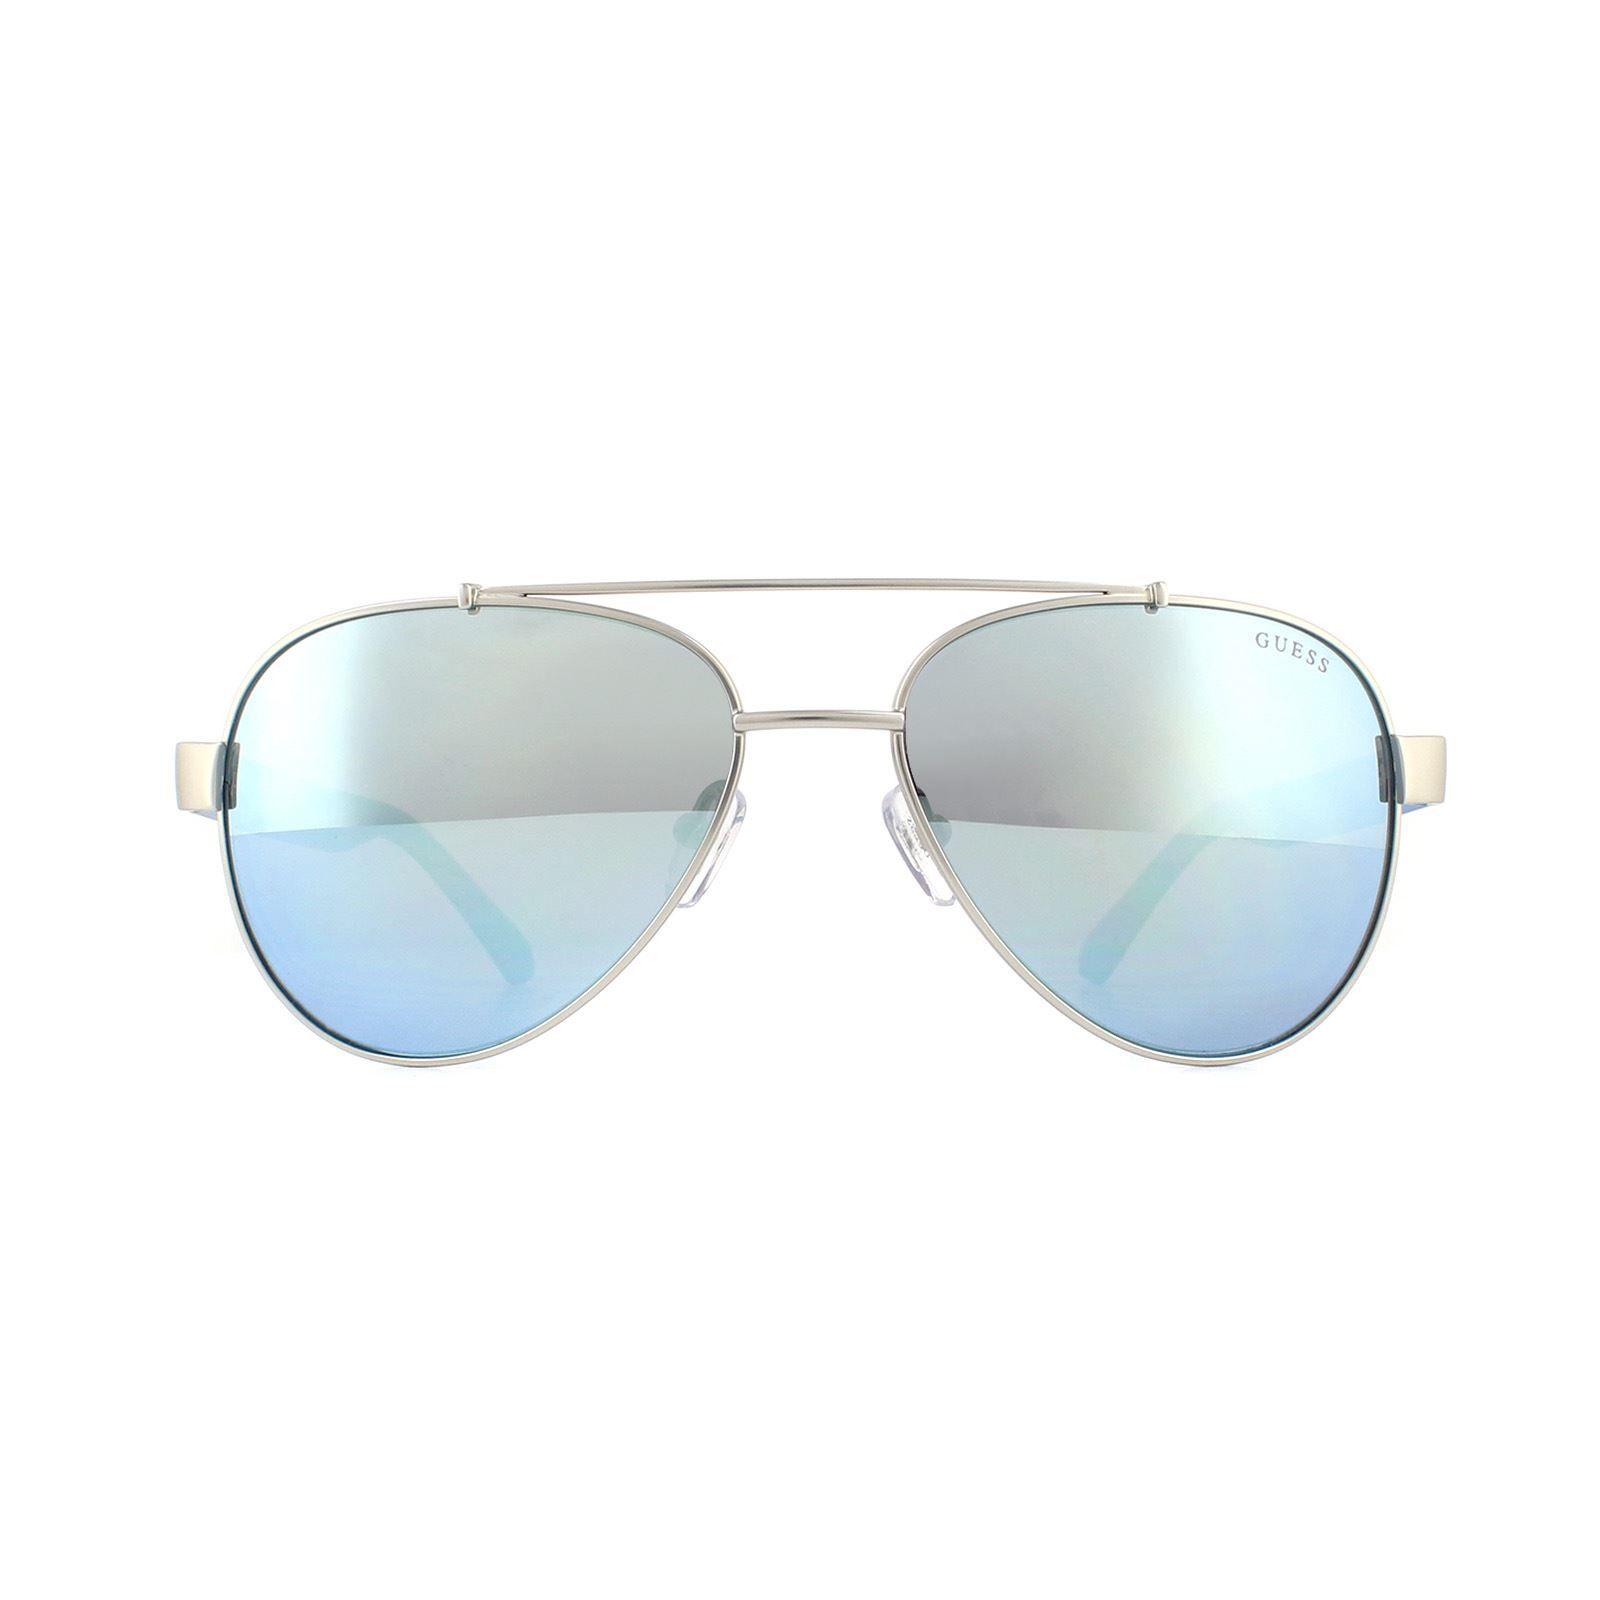 Guess Sunglasses GU6893 10X Silver Blue Mirror